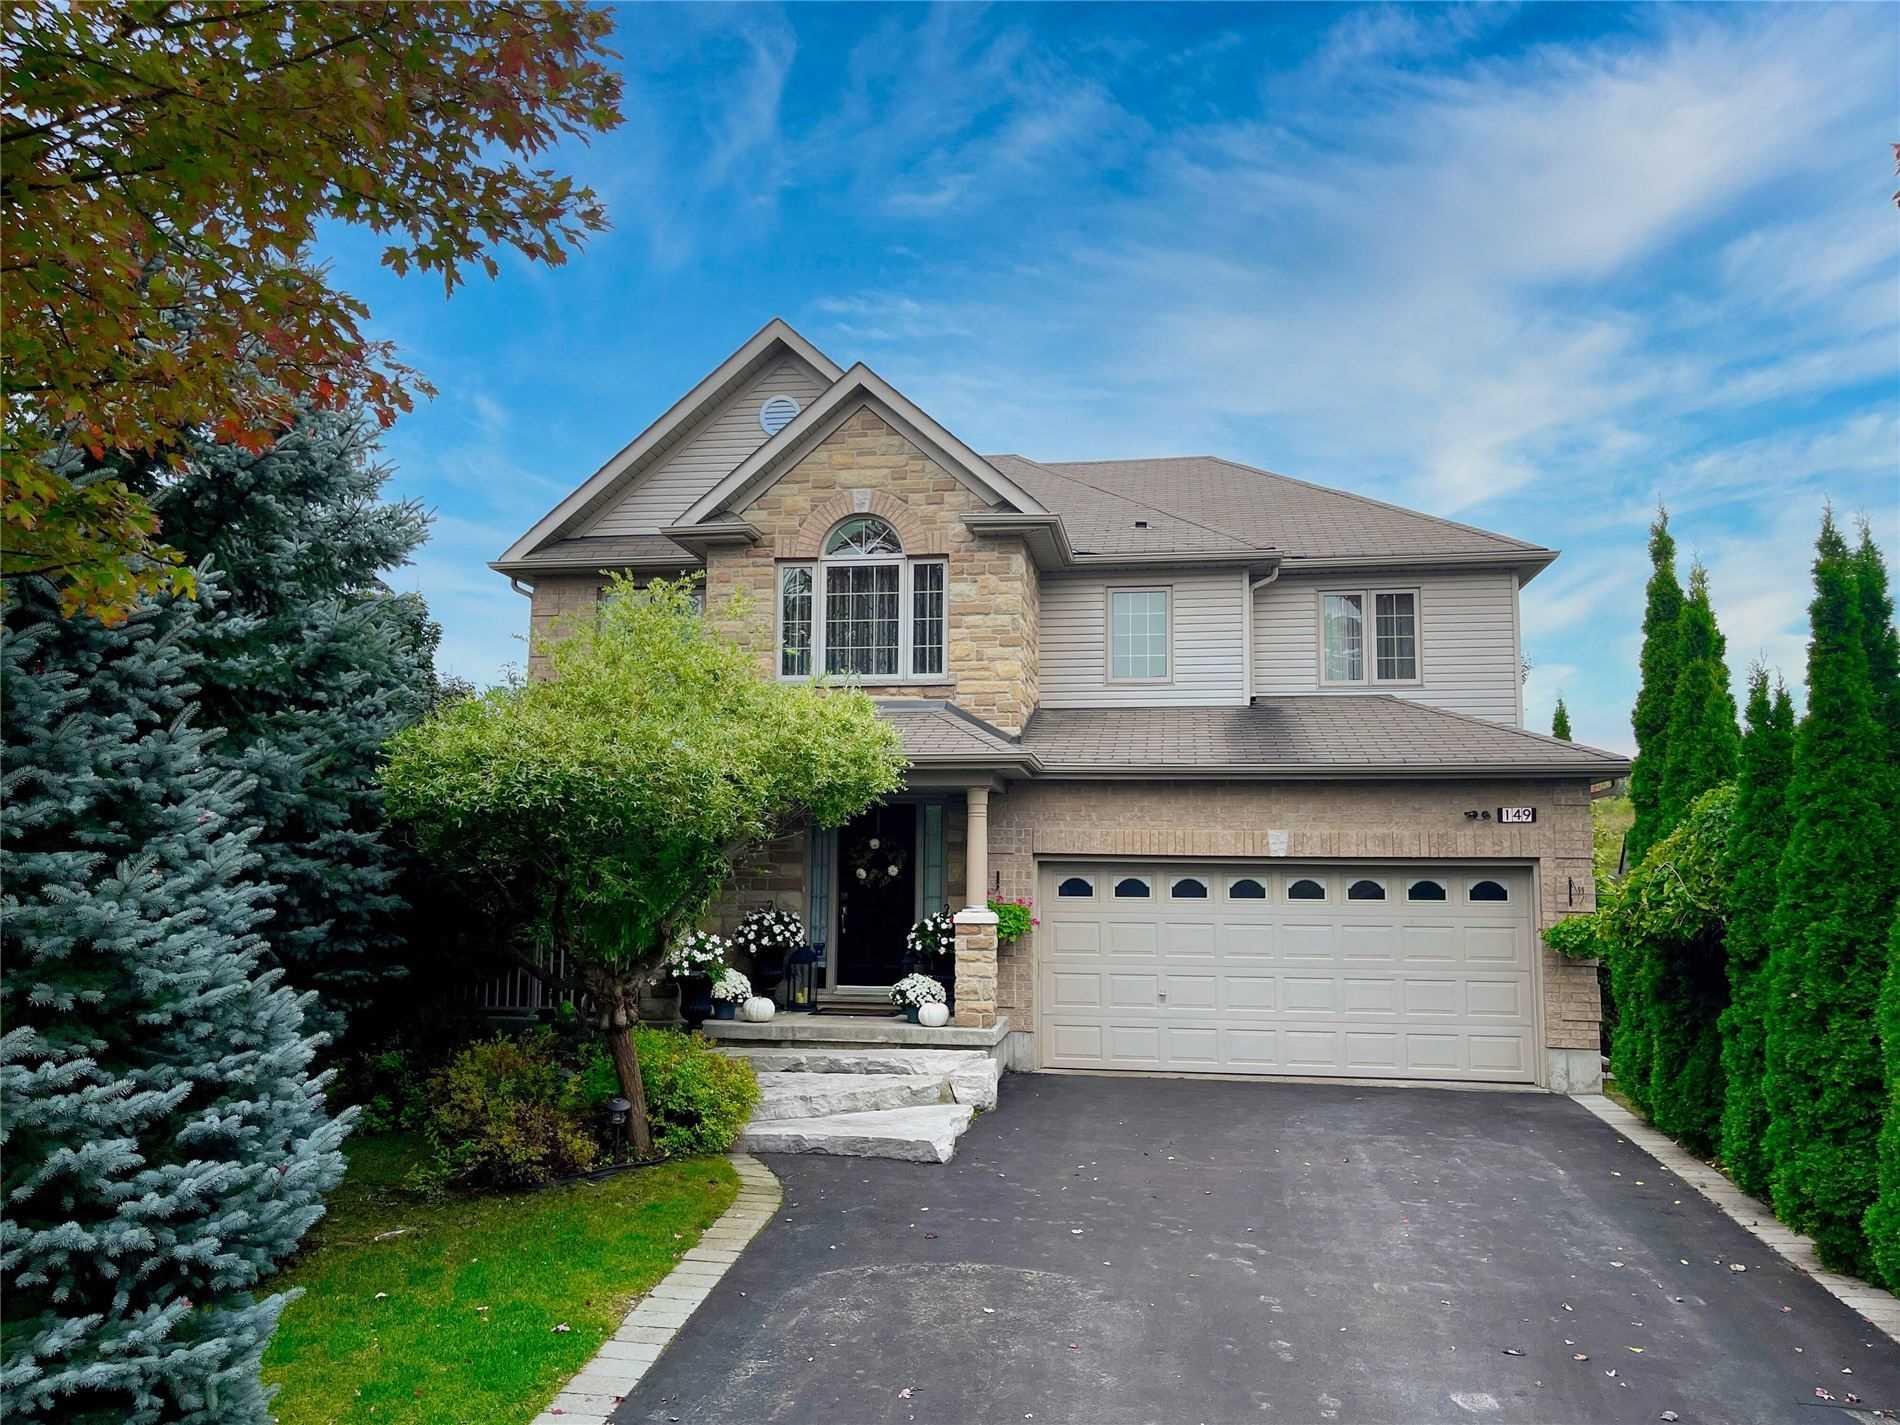 Detached house For Sale In Guelph/Eramosa - 149 Wheeler Crt, Guelph/Eramosa, Ontario, Canada N0B 2K0 , 5 Bedrooms Bedrooms, ,5 BathroomsBathrooms,Detached,For Sale,Wheeler